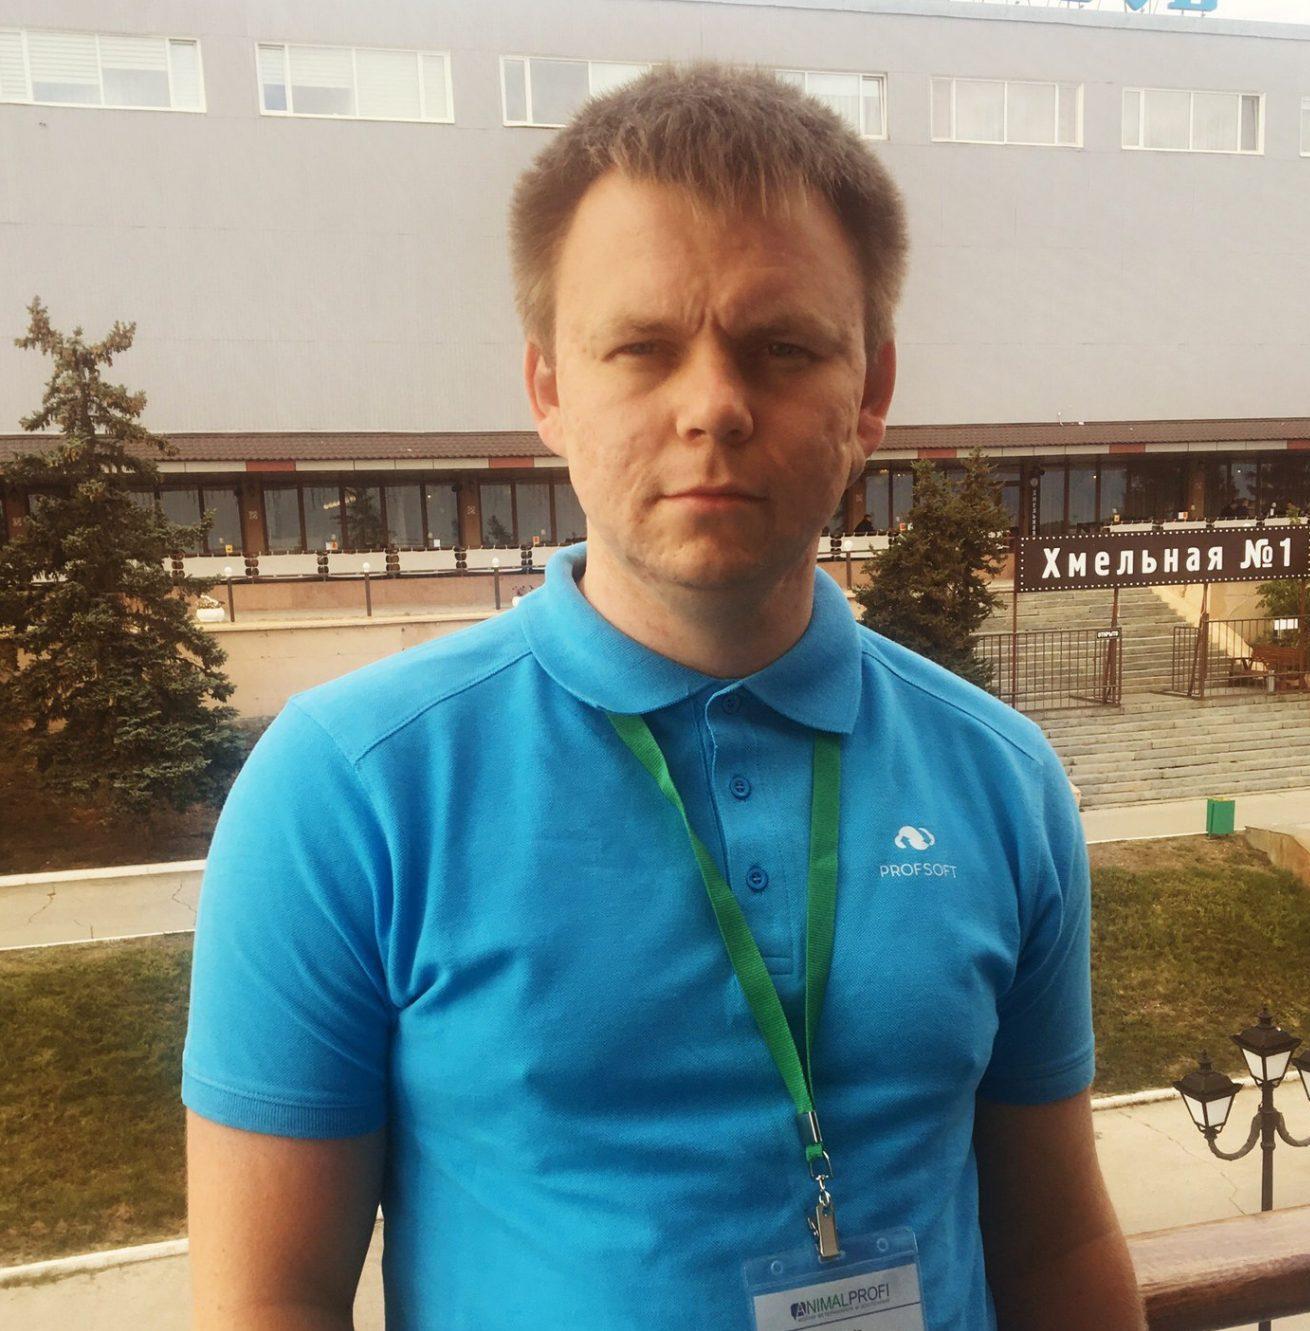 Кирилл Каплин